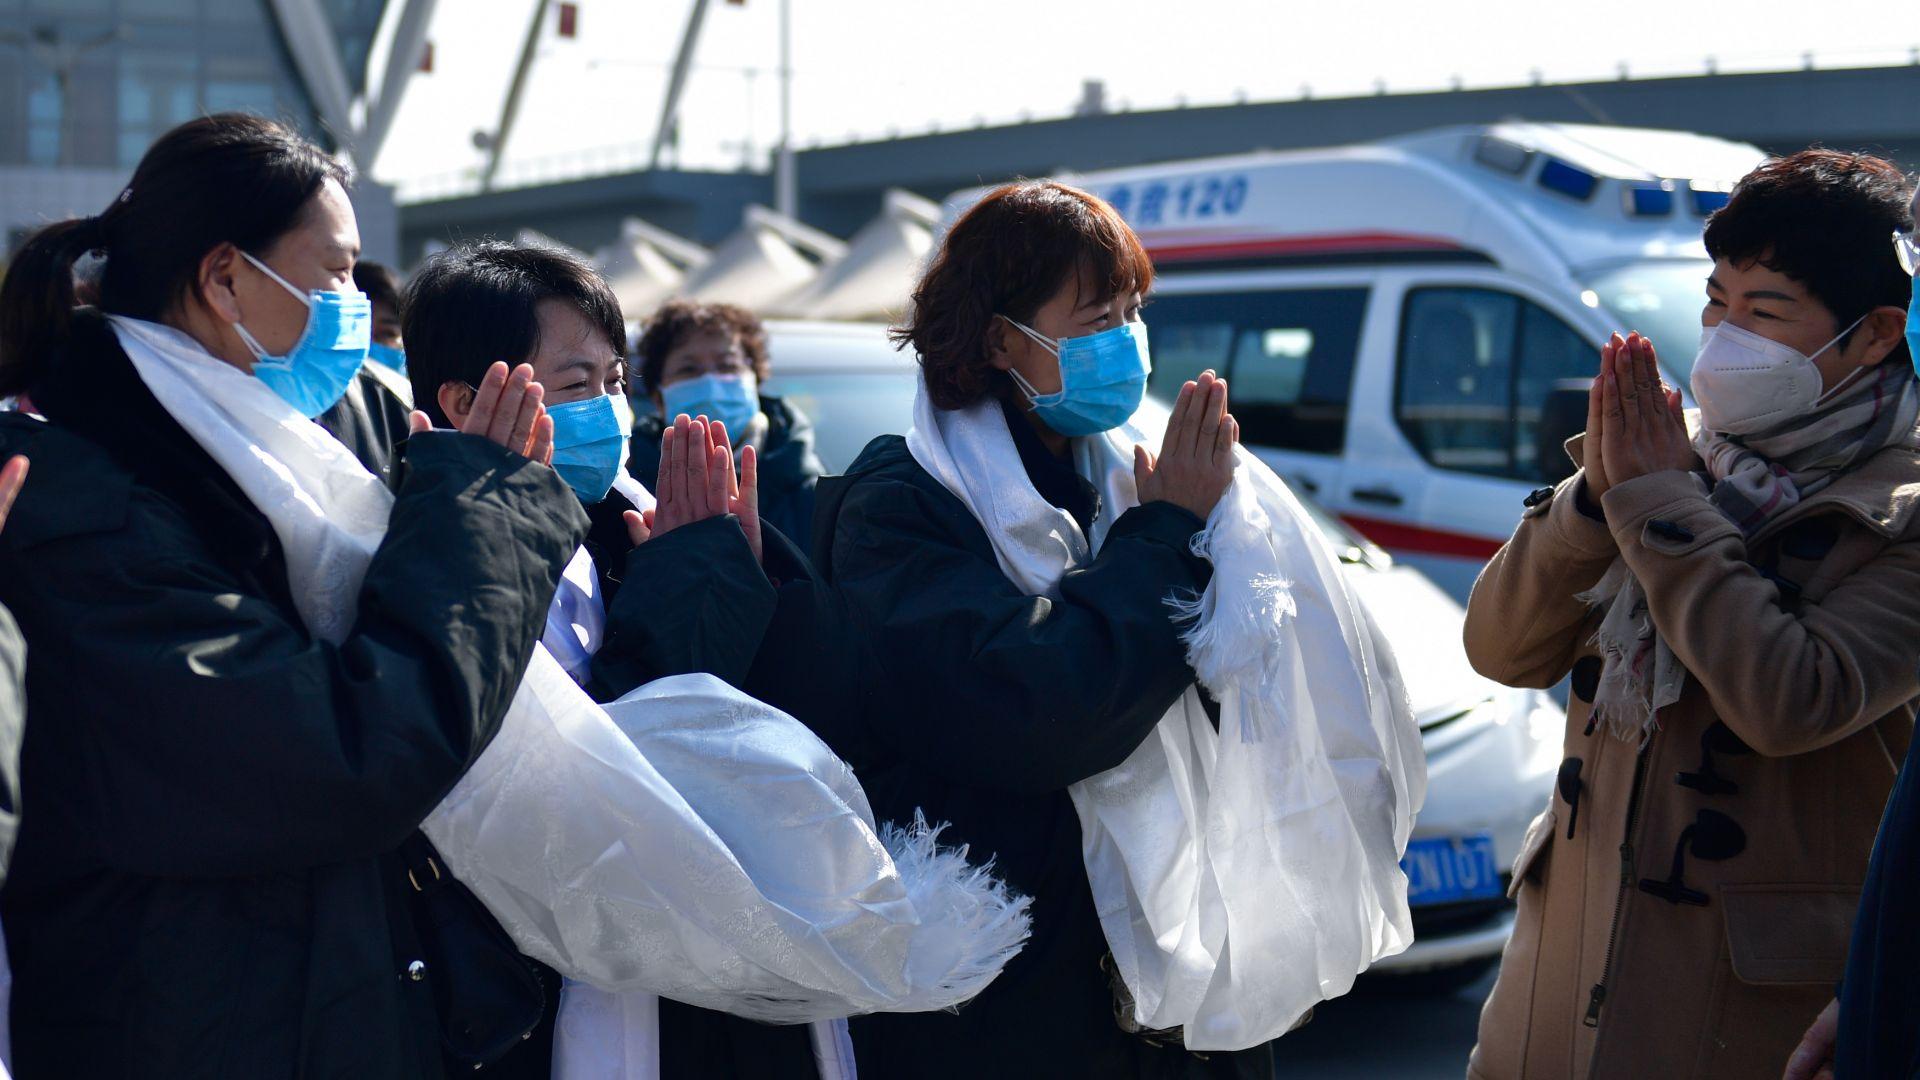 Епидемията от вирусна пневмония, която вече отне живота на над